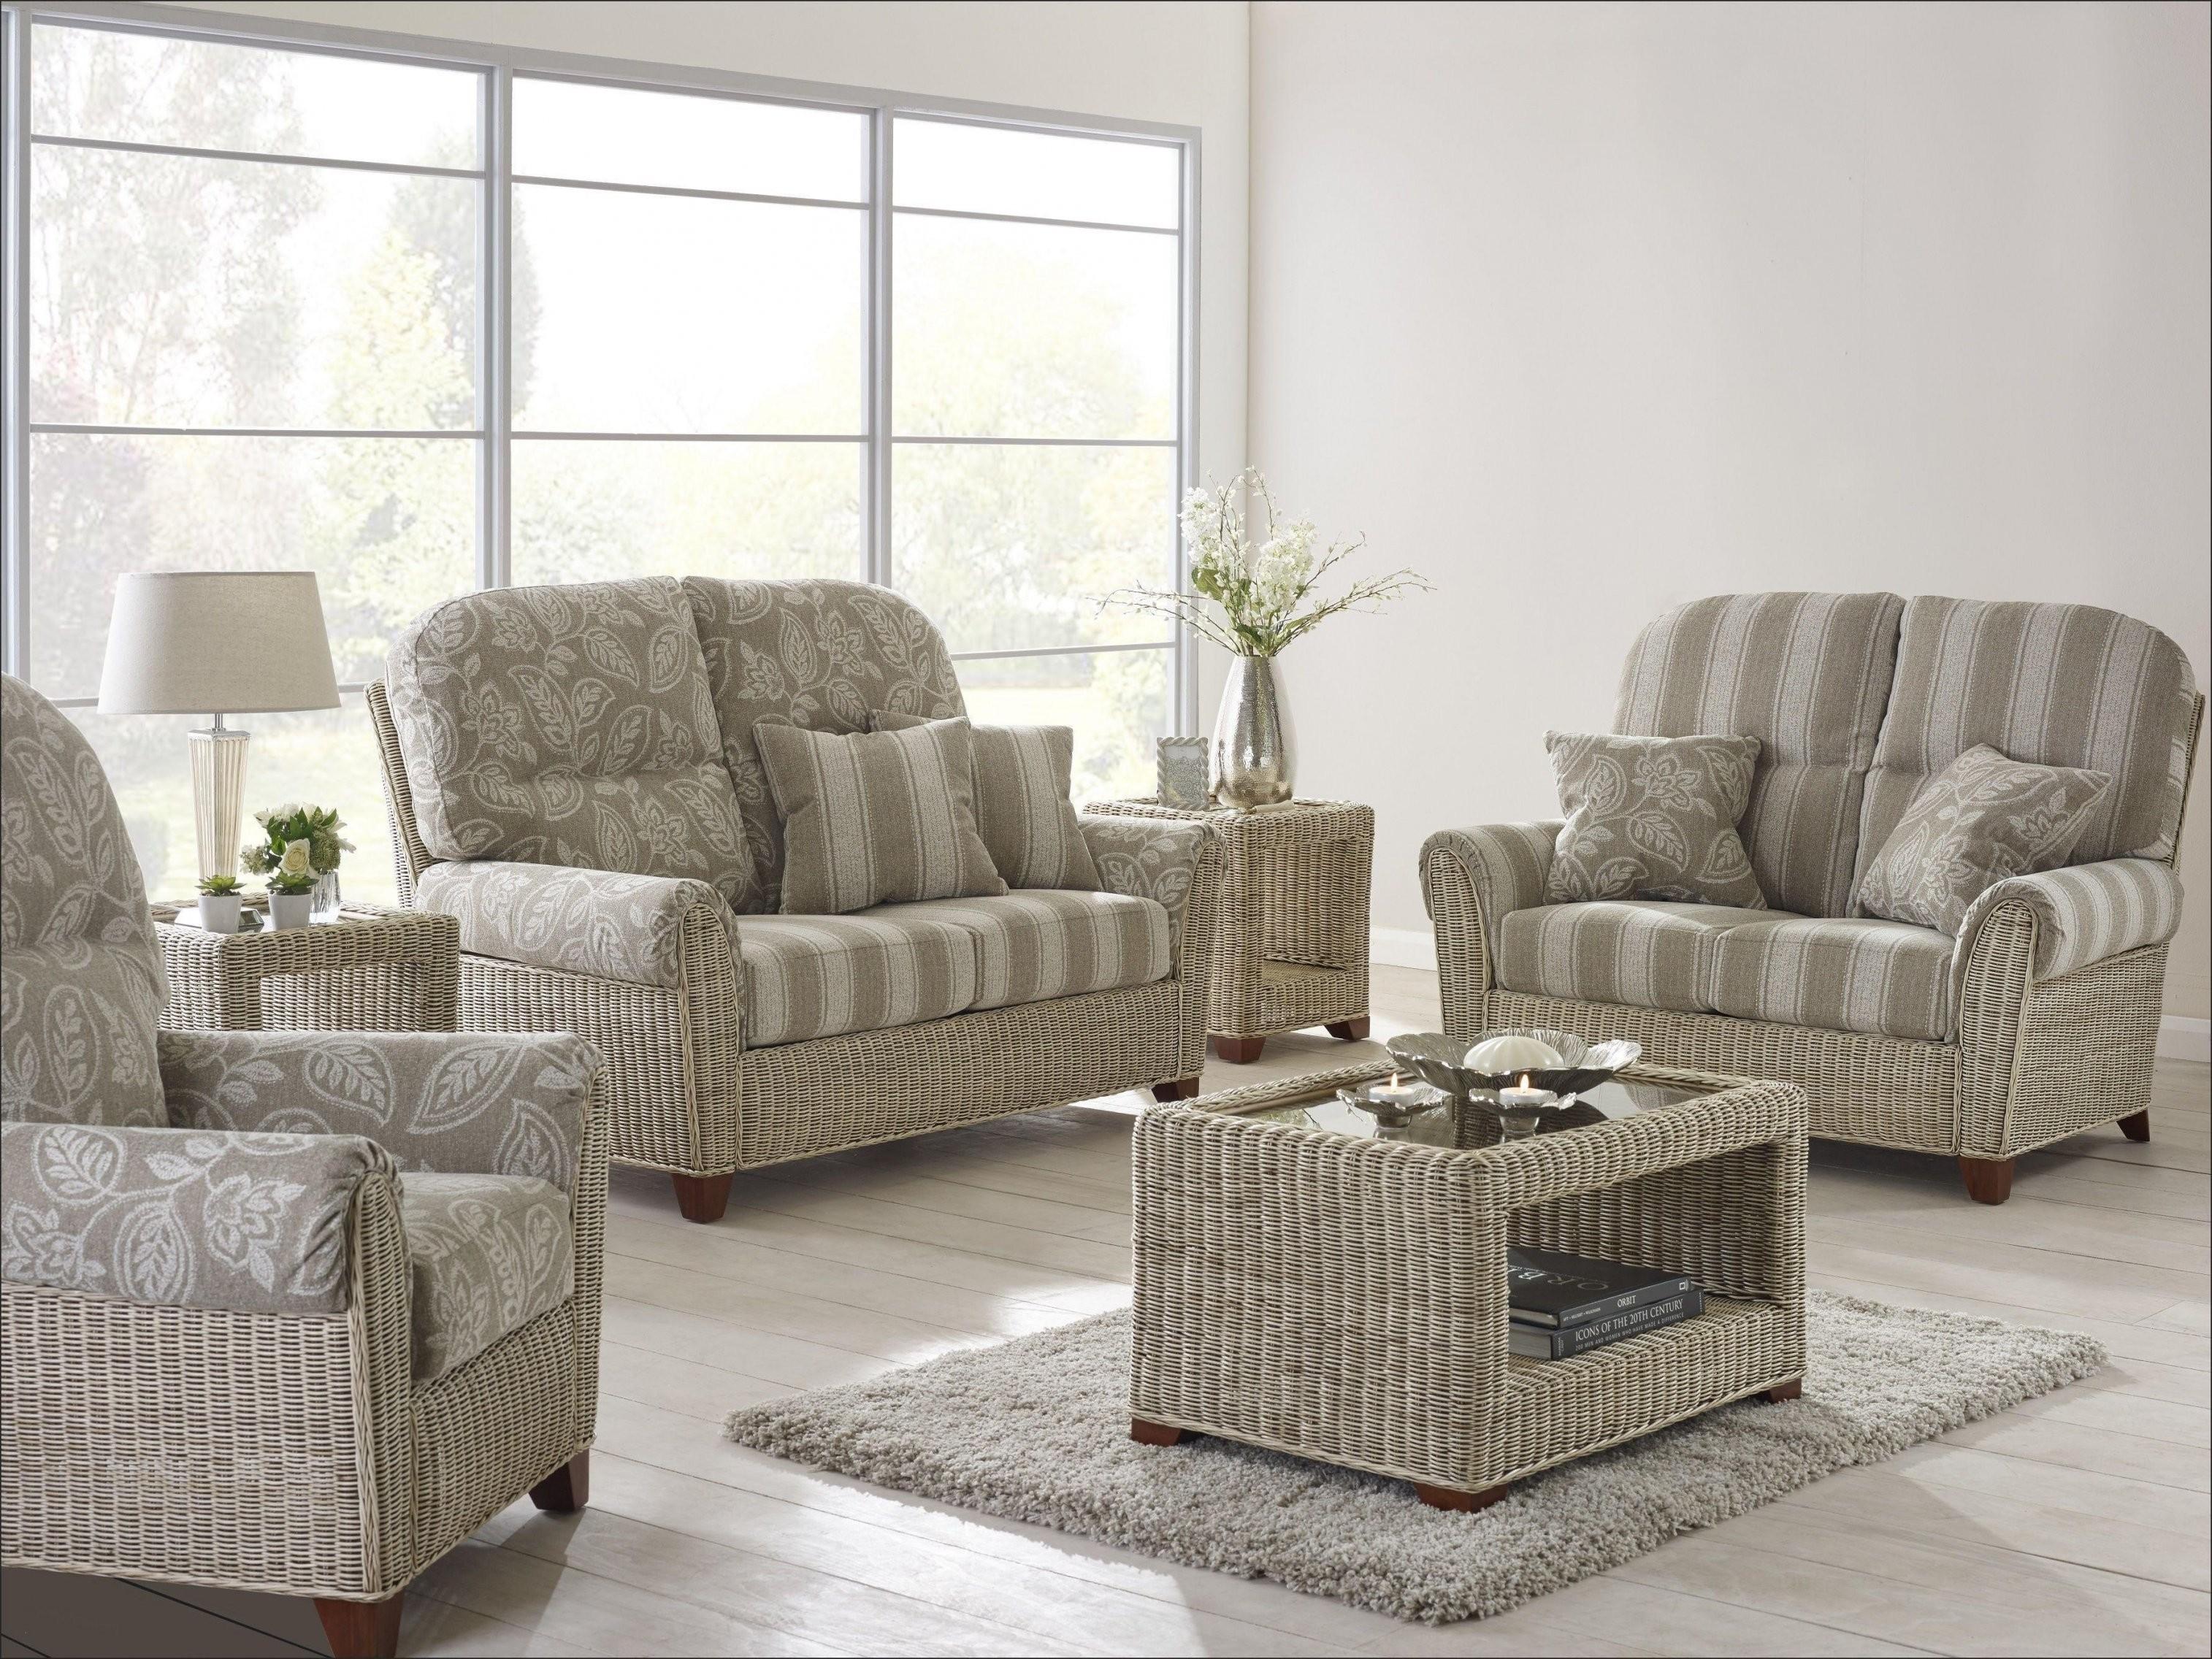 Ecksofa Gebraucht Kaufen Einzigartig Sofa Landhausstil Genial von Sofa Landhausstil Gebraucht Bild